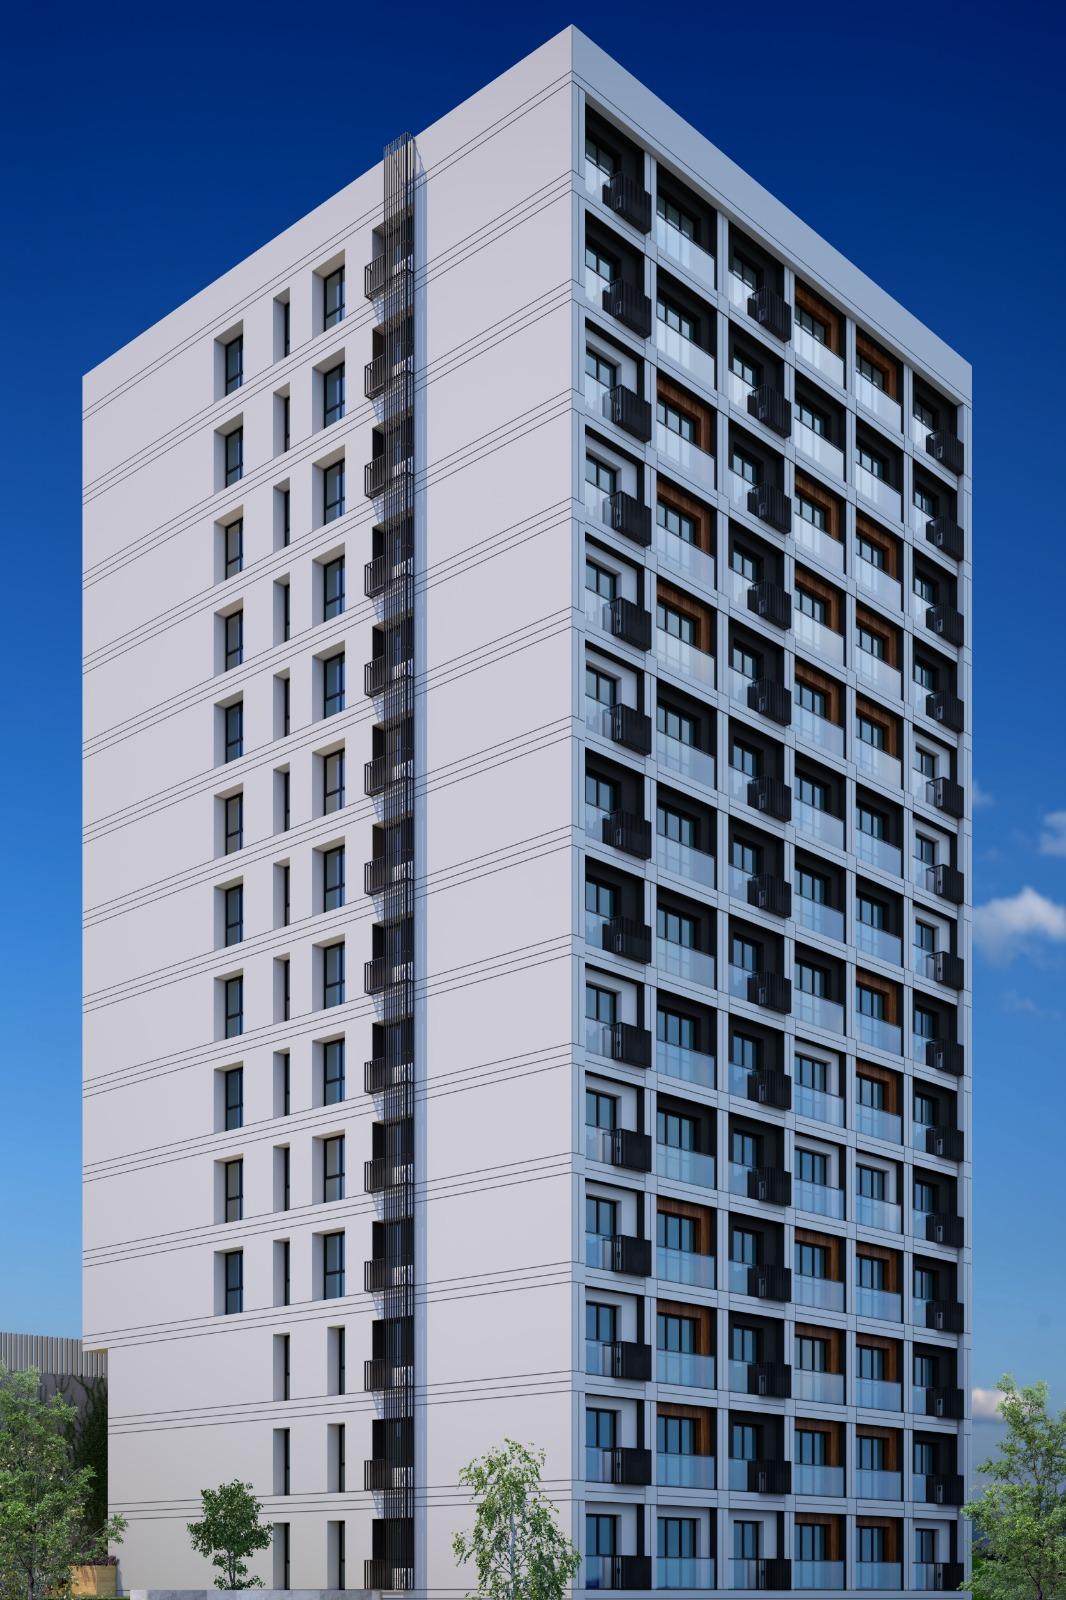 Апартаменты в строящемся комплексе - Фото 9